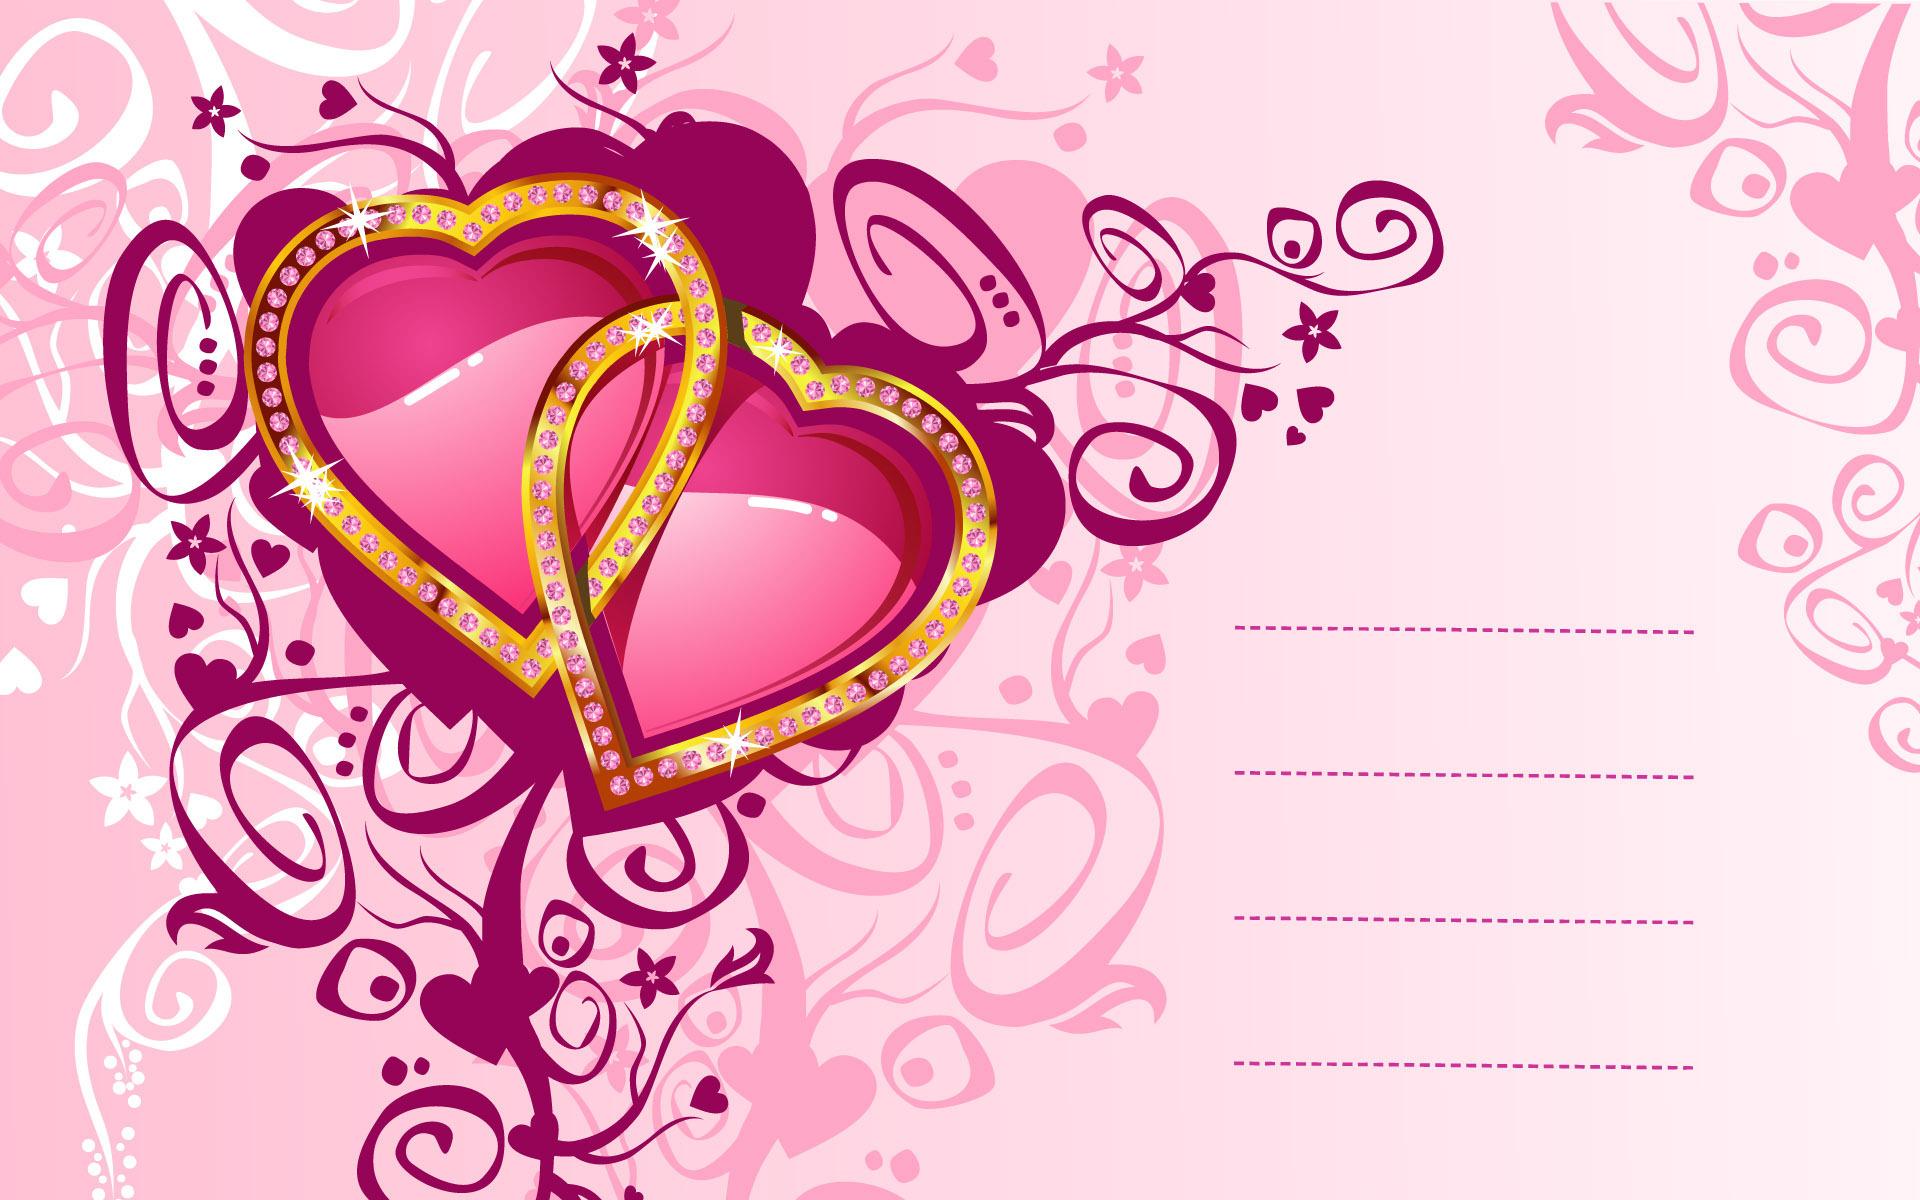 Про любовь губки поцелуй любовь